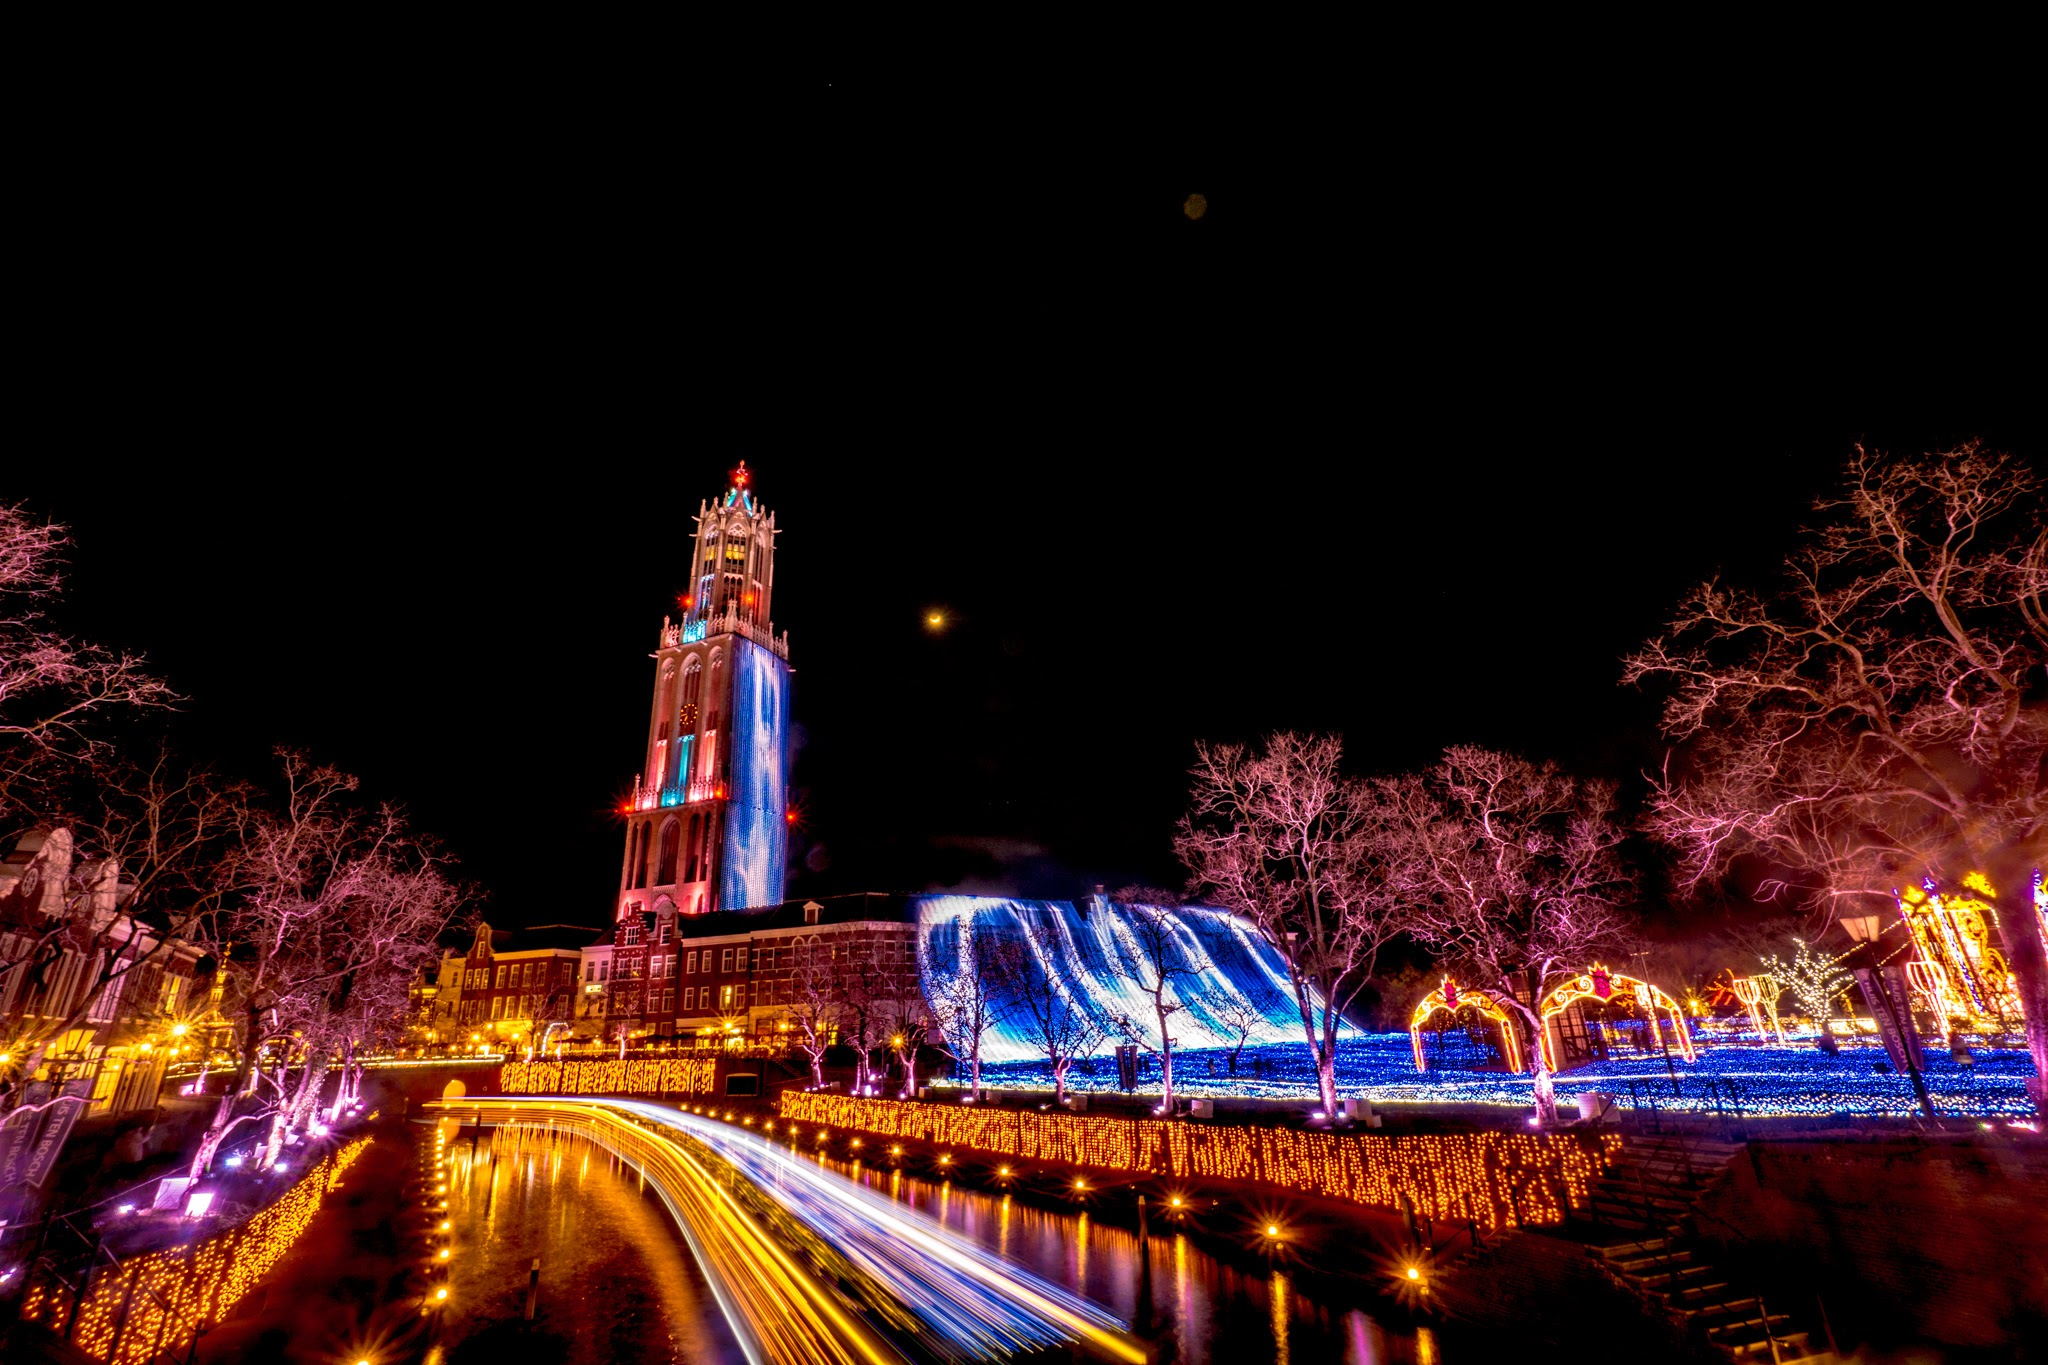 Huis Ten Bosch illumination Kingdom of light slow shutter1